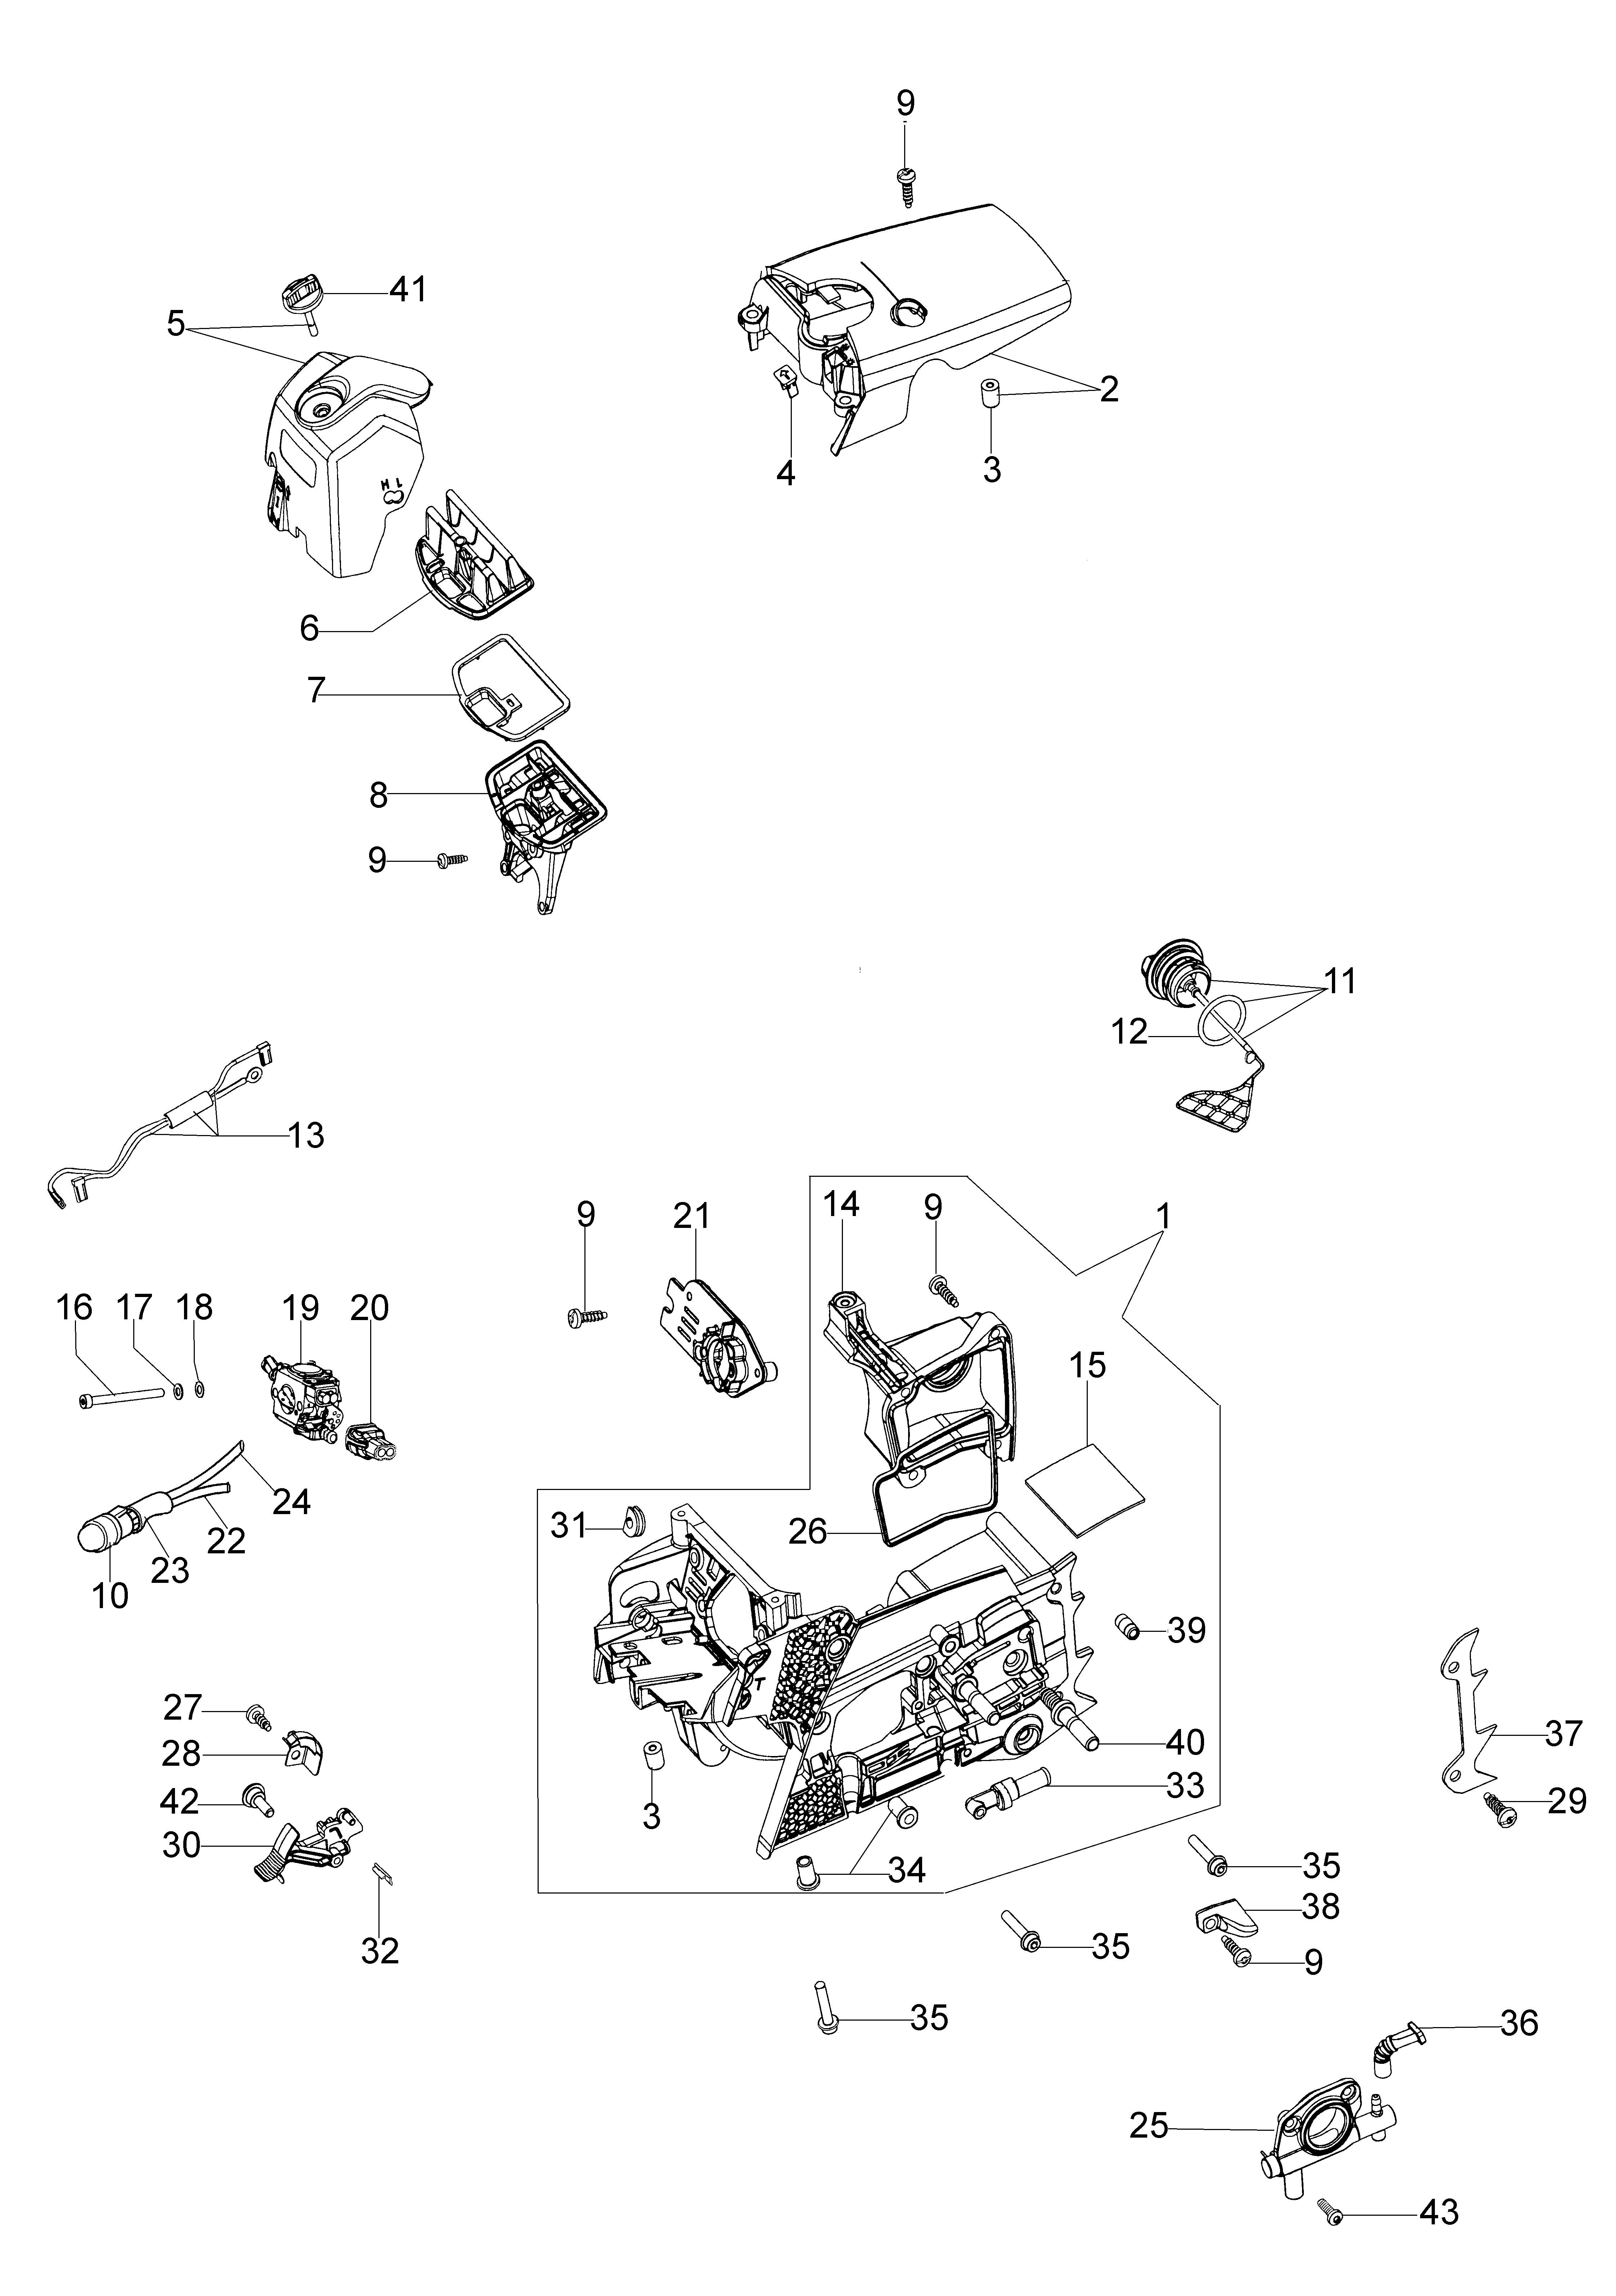 GS 44 (Euro 1) Tronçonneuse oleomac Dessins pièces vue éclatée Soubassement